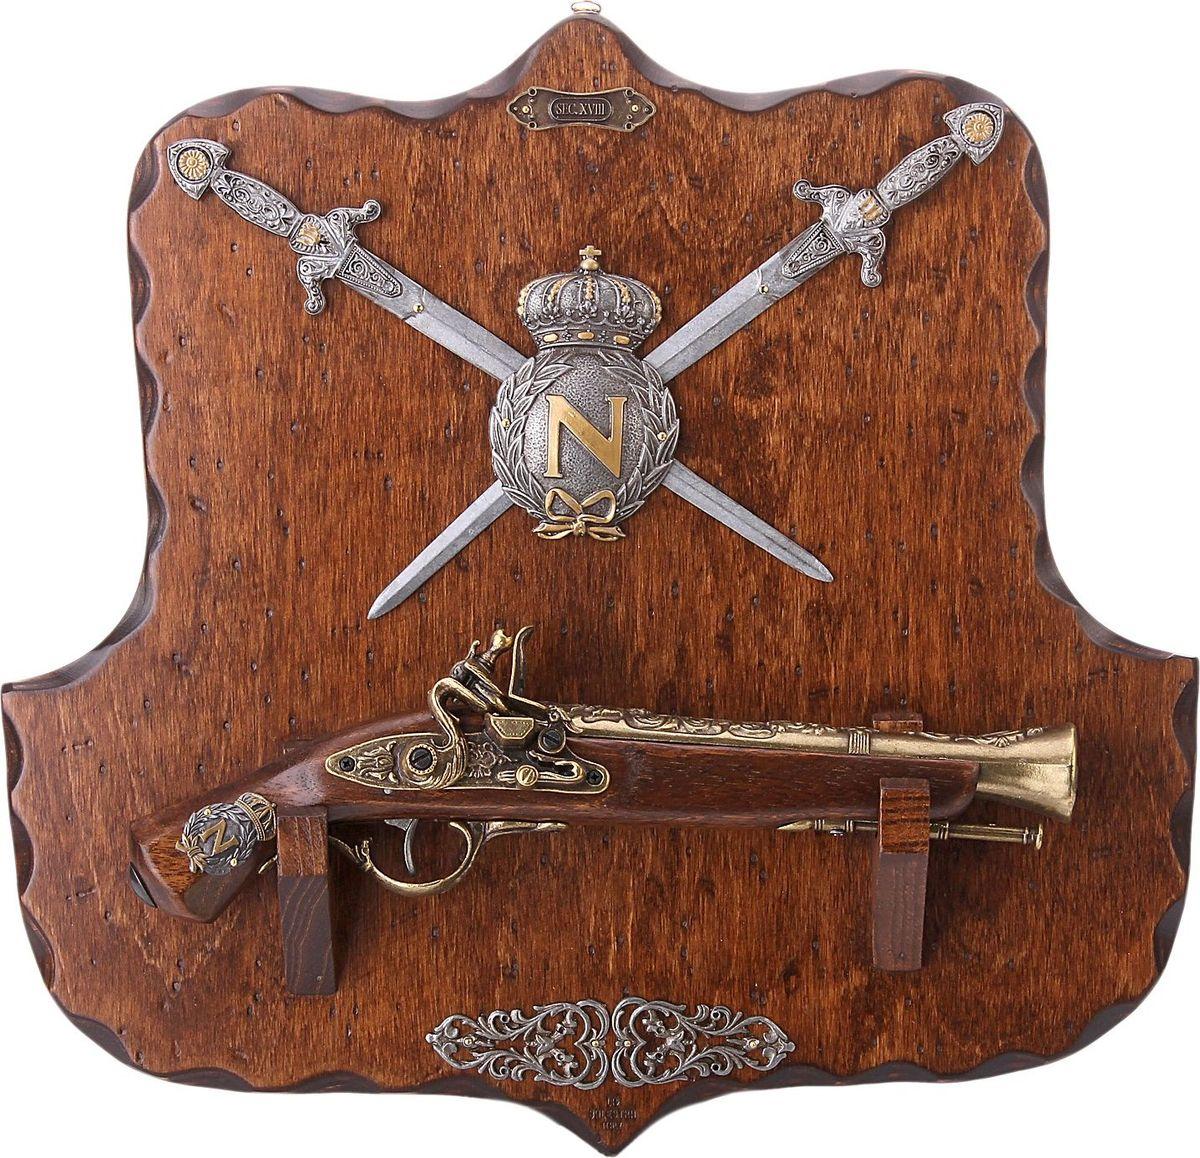 Сувенирное оружие La Balestra Макет пистоля и 2 кинжалов NapoIeon, на планшете, 45 х 42 х 6 см665982Состав: панель из березы, ствол пистоля из белой лимбы, металлические детали из цинково-алюминиевого сплава.